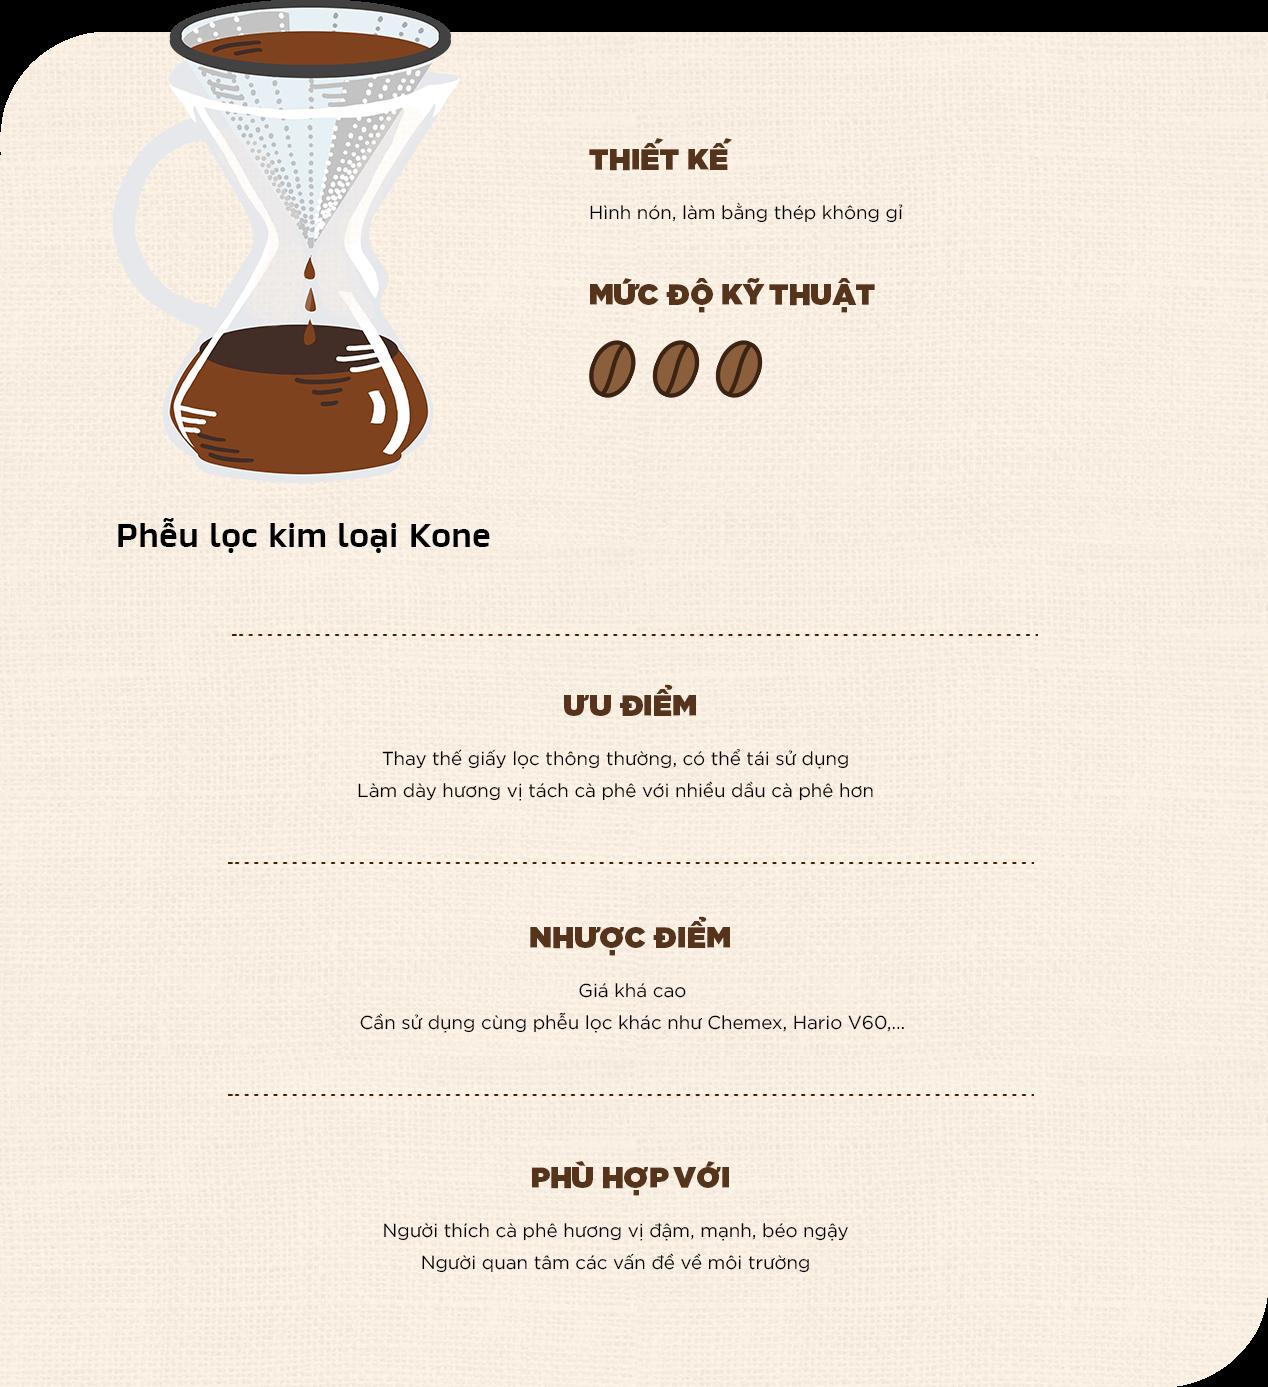 Nghệ thuật Pour Over Gợi mở nốt hương tinh tế của cà phê